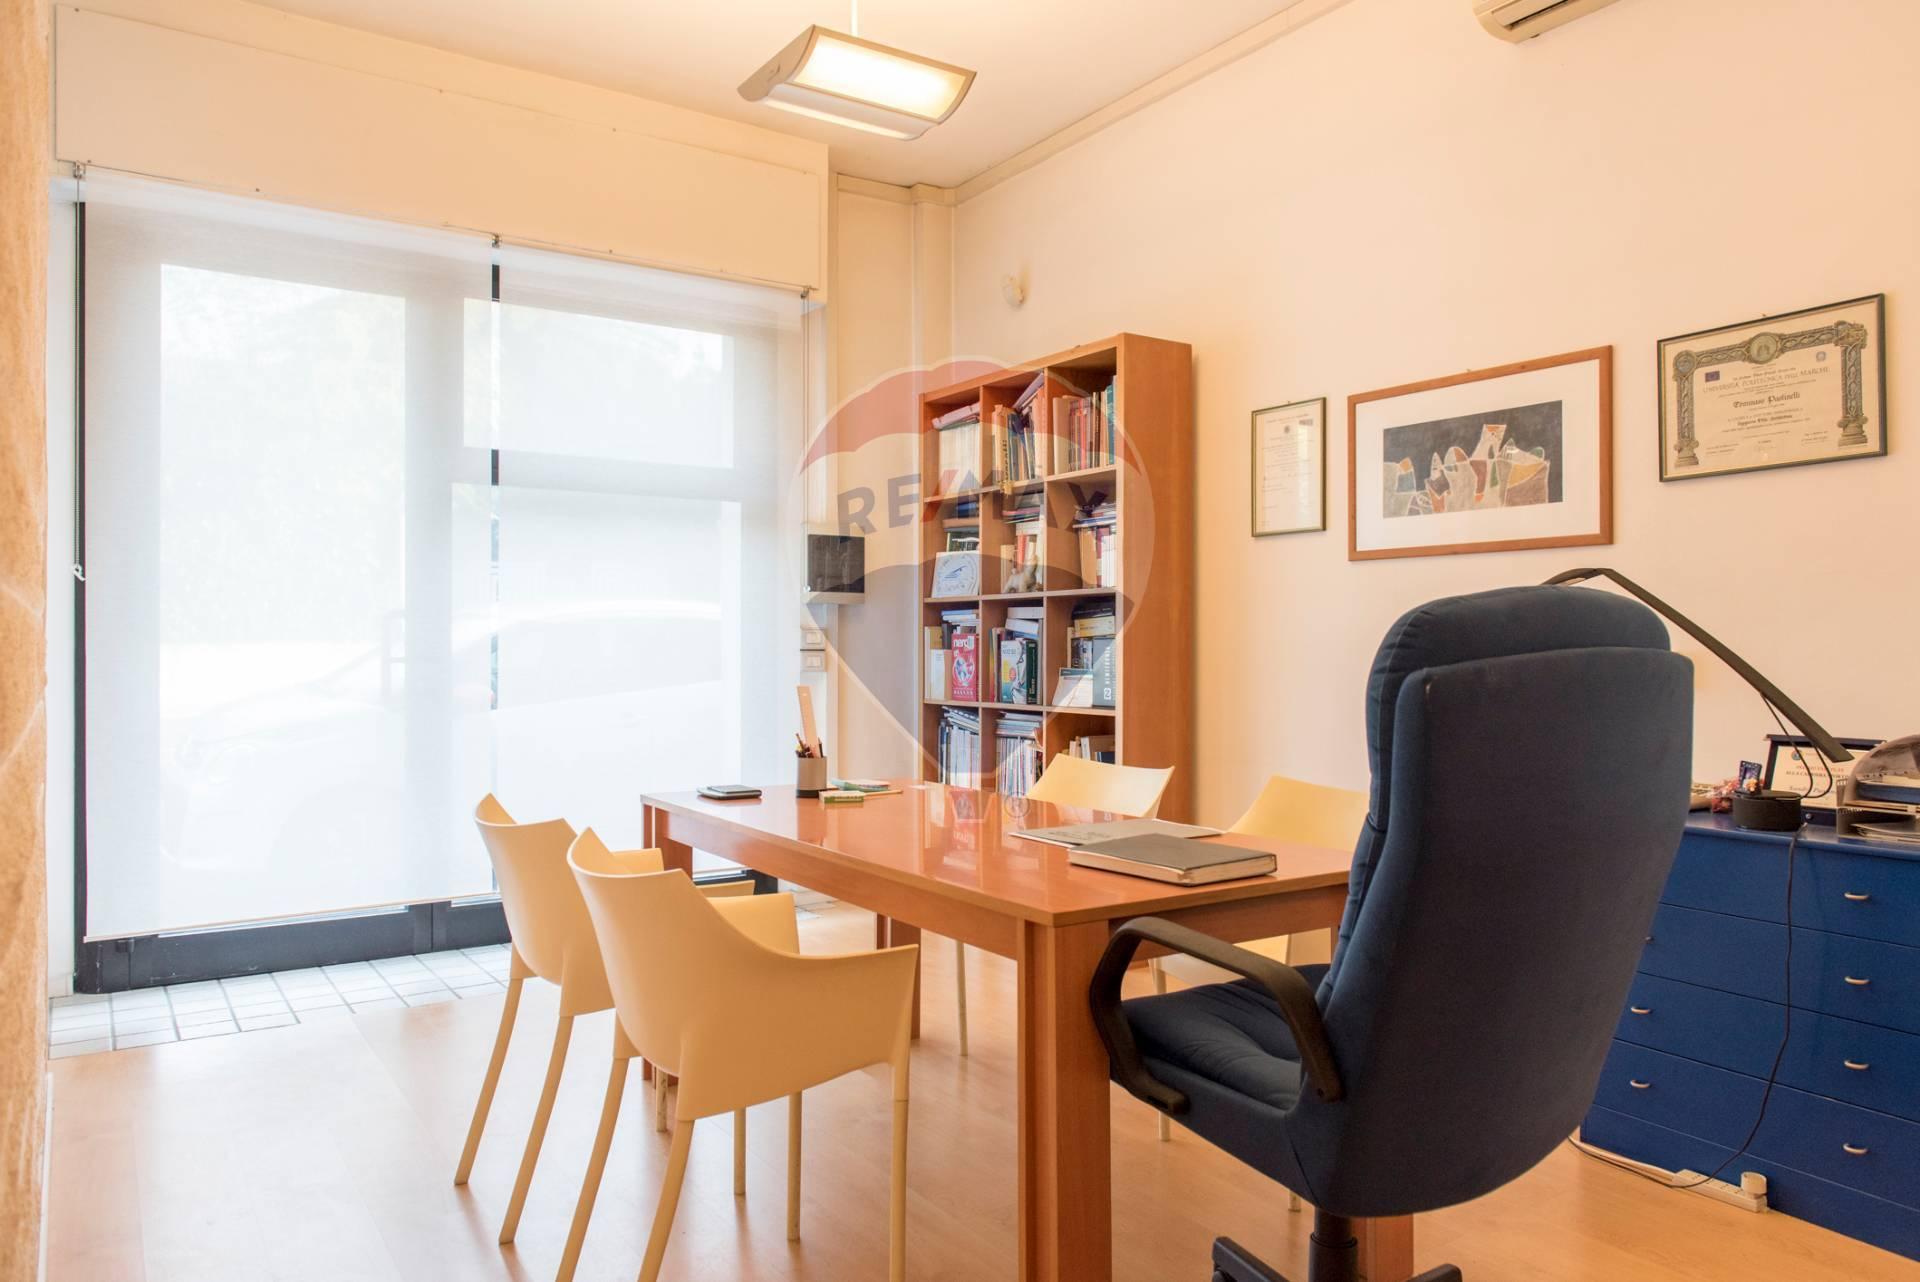 Appartamento in vendita Madonna delle Grazie-via delle grazie Ancona